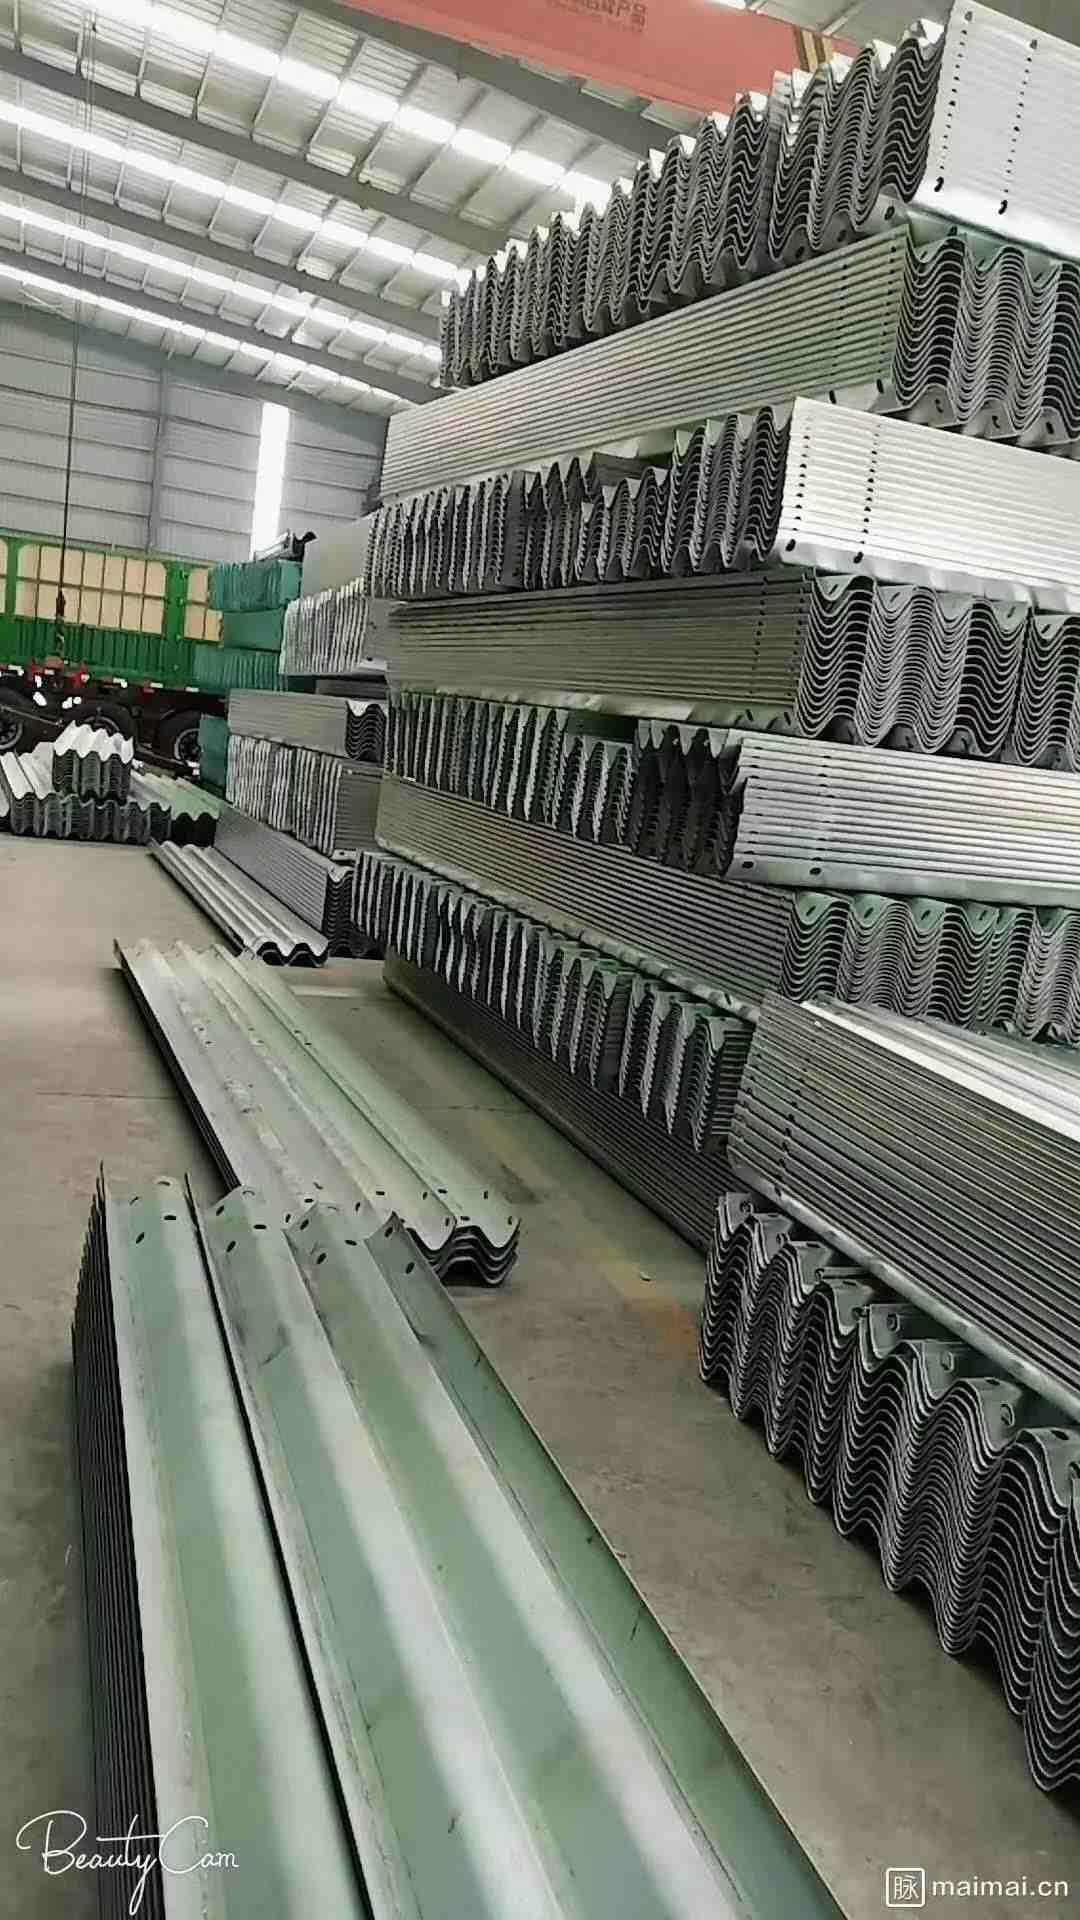 江蘇省泰州市專業回收二手護欄2021